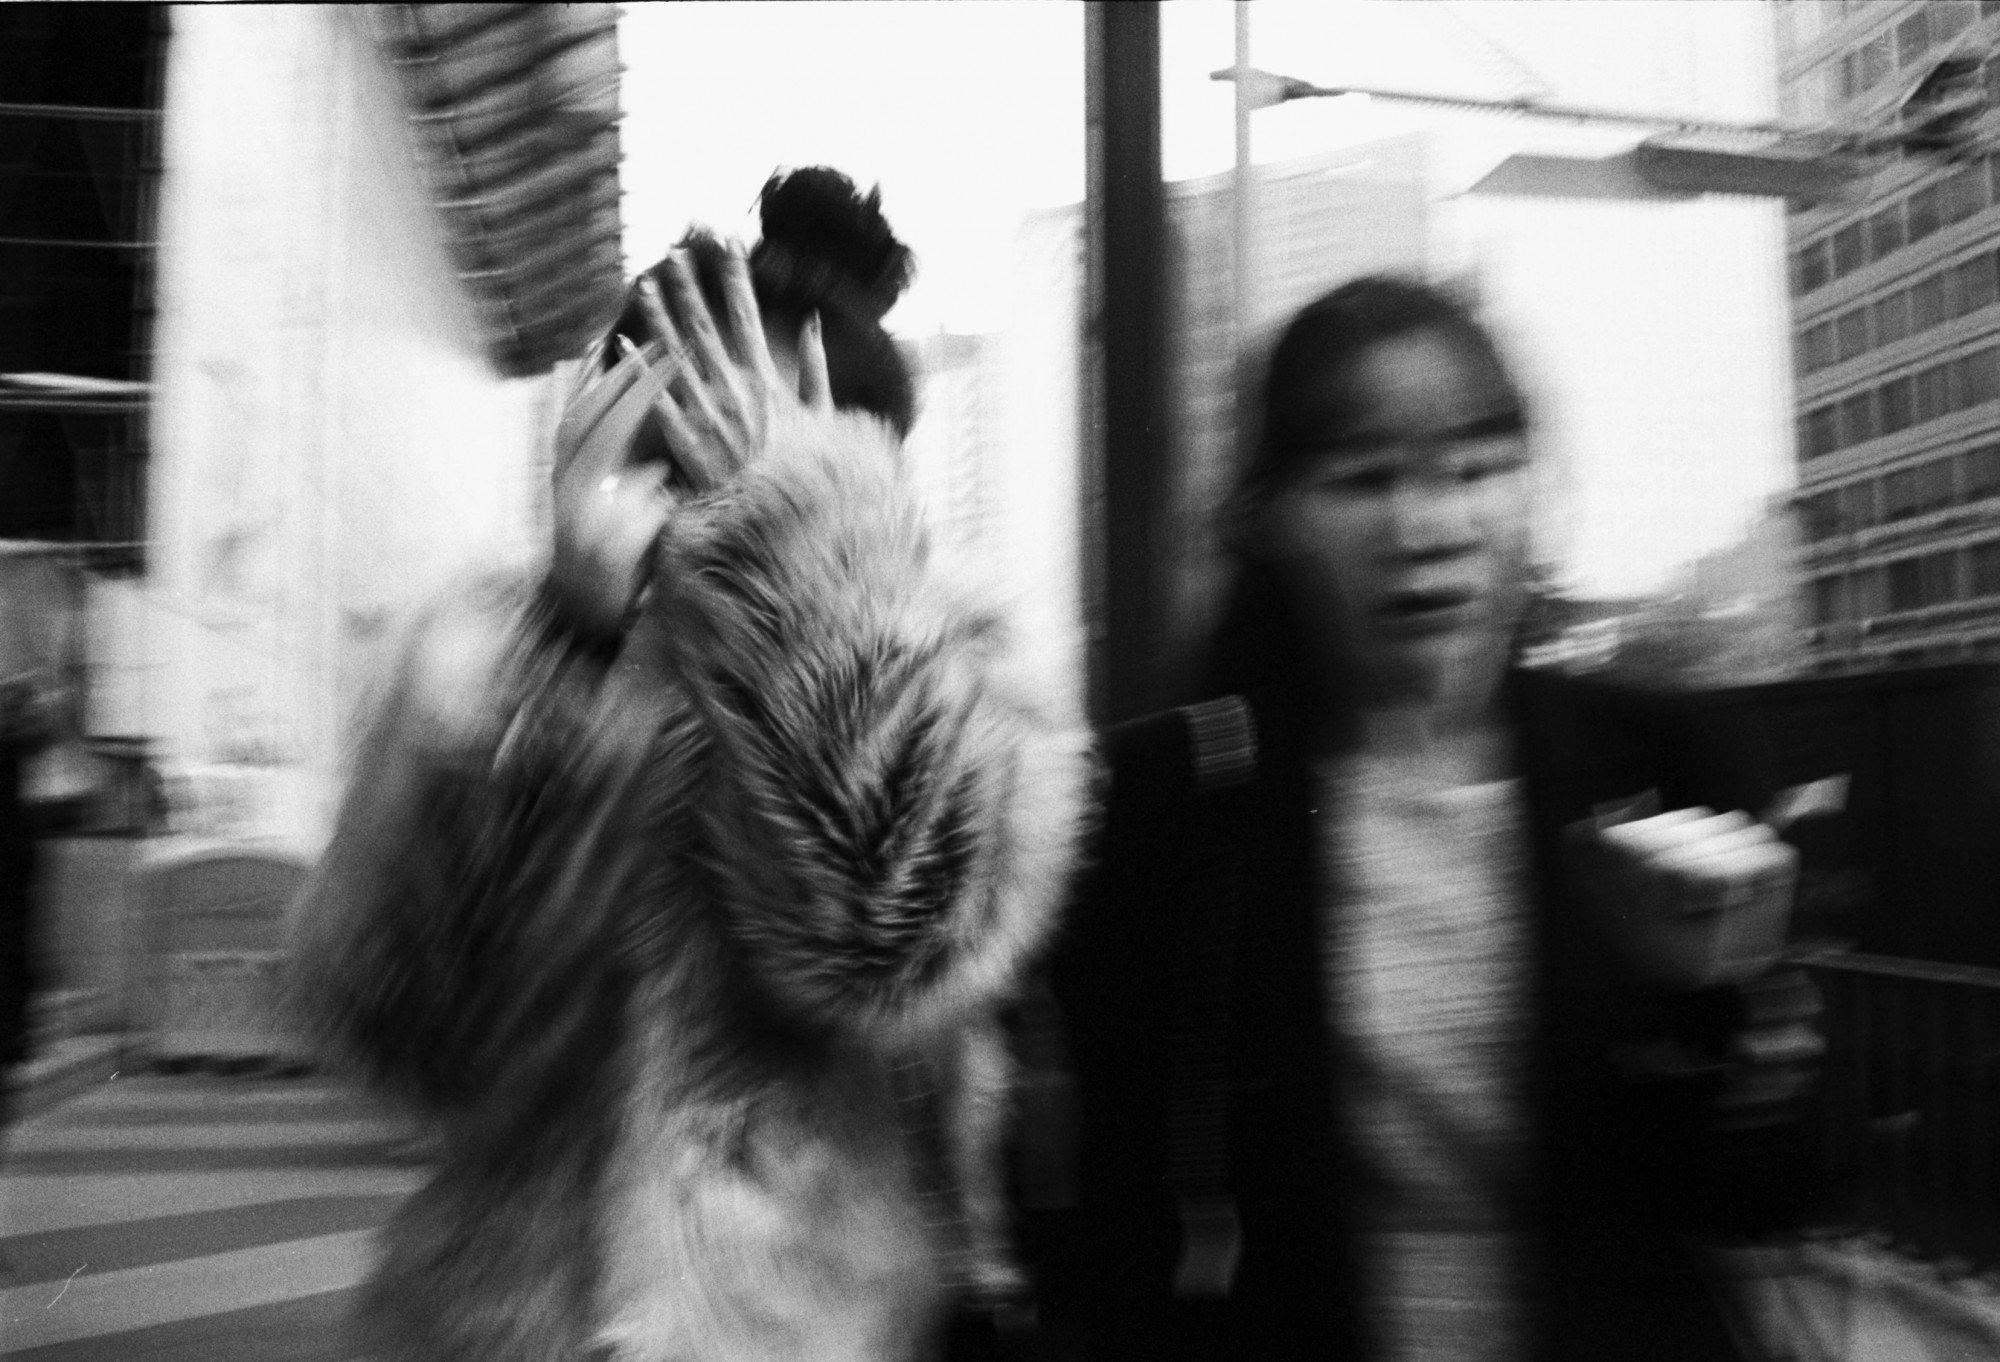 Seoul, 2012